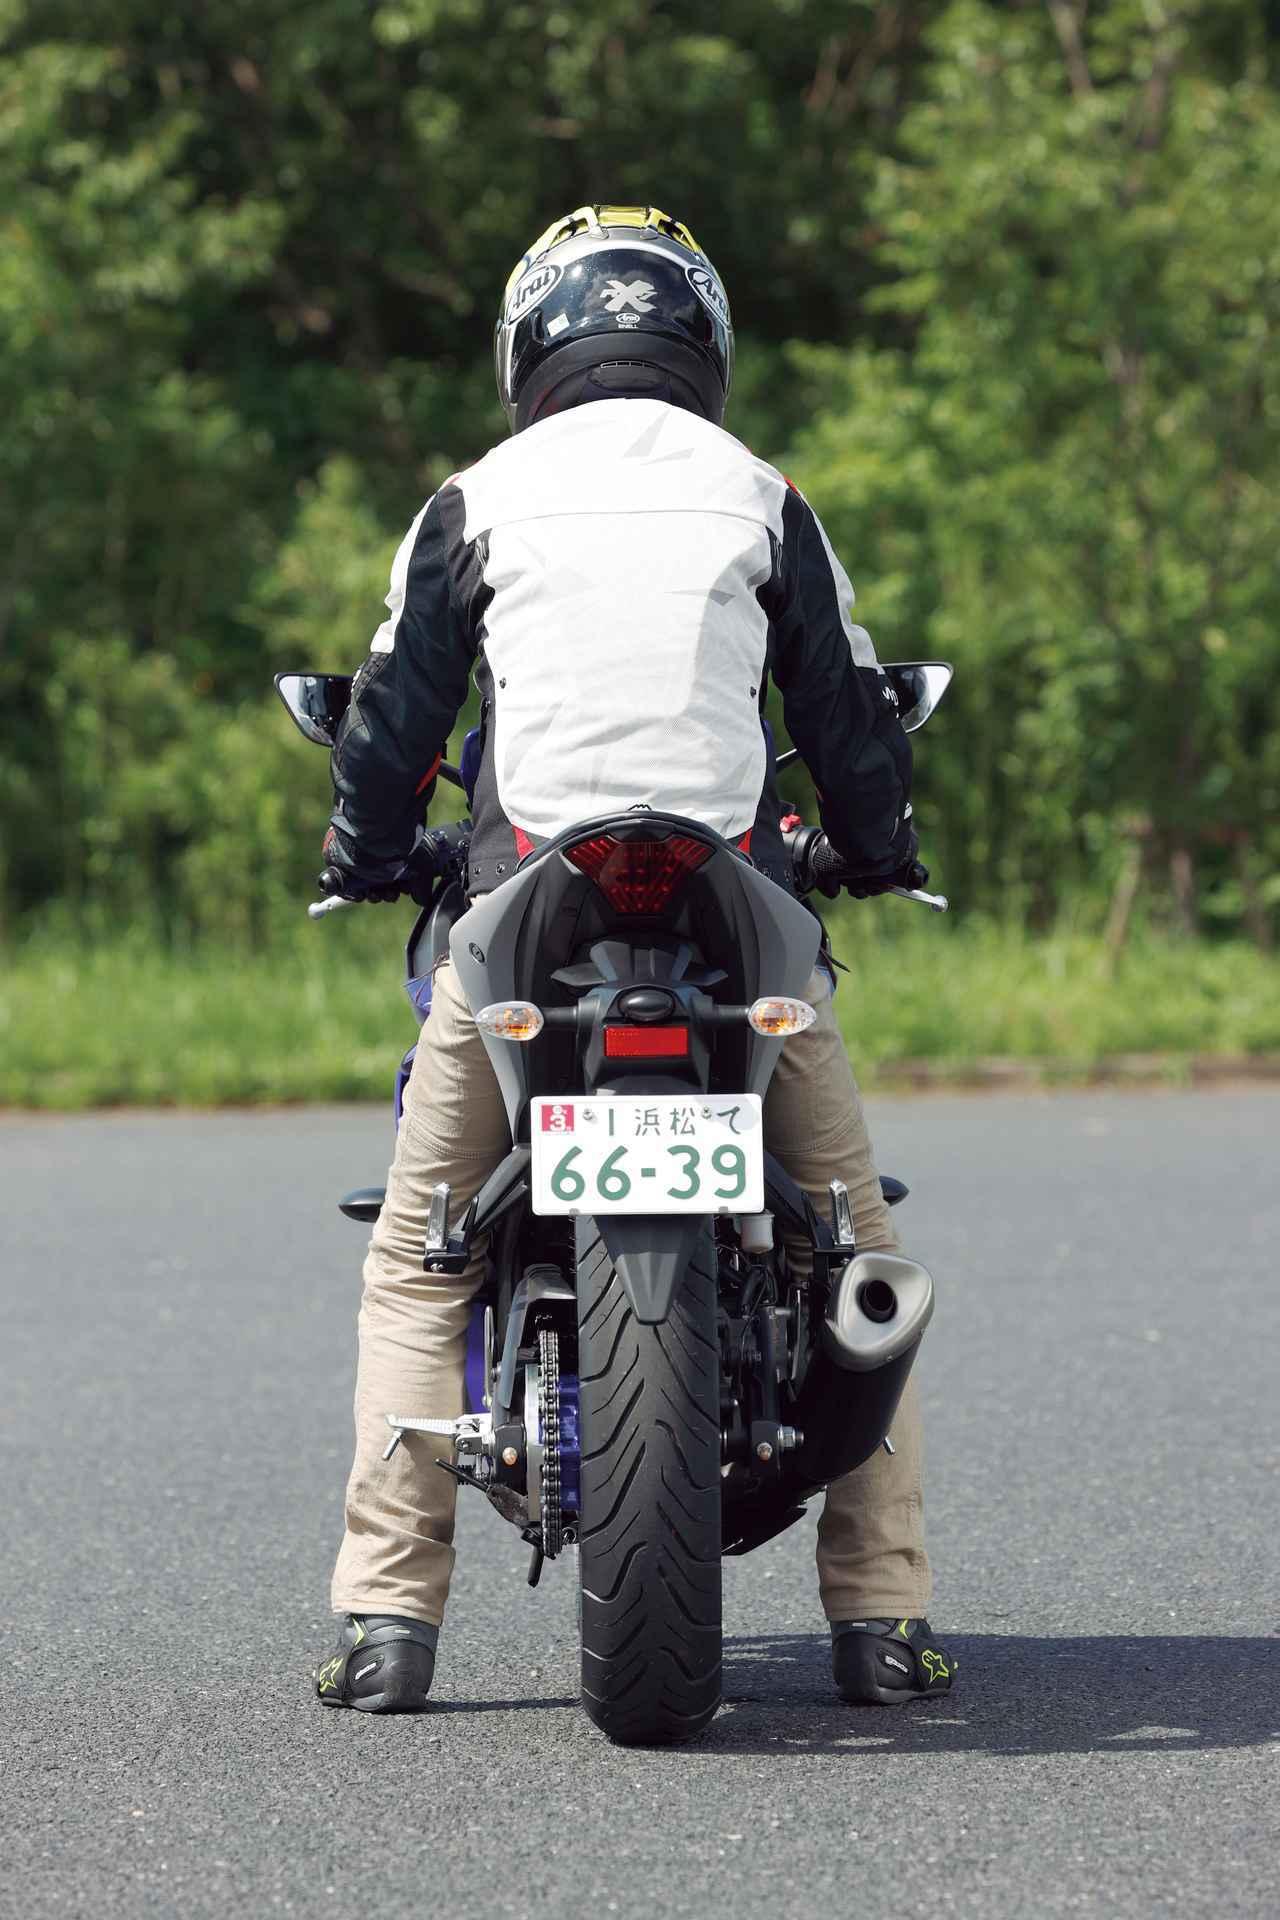 画像6: 【投票してね】4台の足つき性とライポジを比較! あなたが好きな250ccスポーツバイクはどれ? カワサキNinja250・ヤマハYZF-R25・スズキGSX250R・ホンダCBR250RR